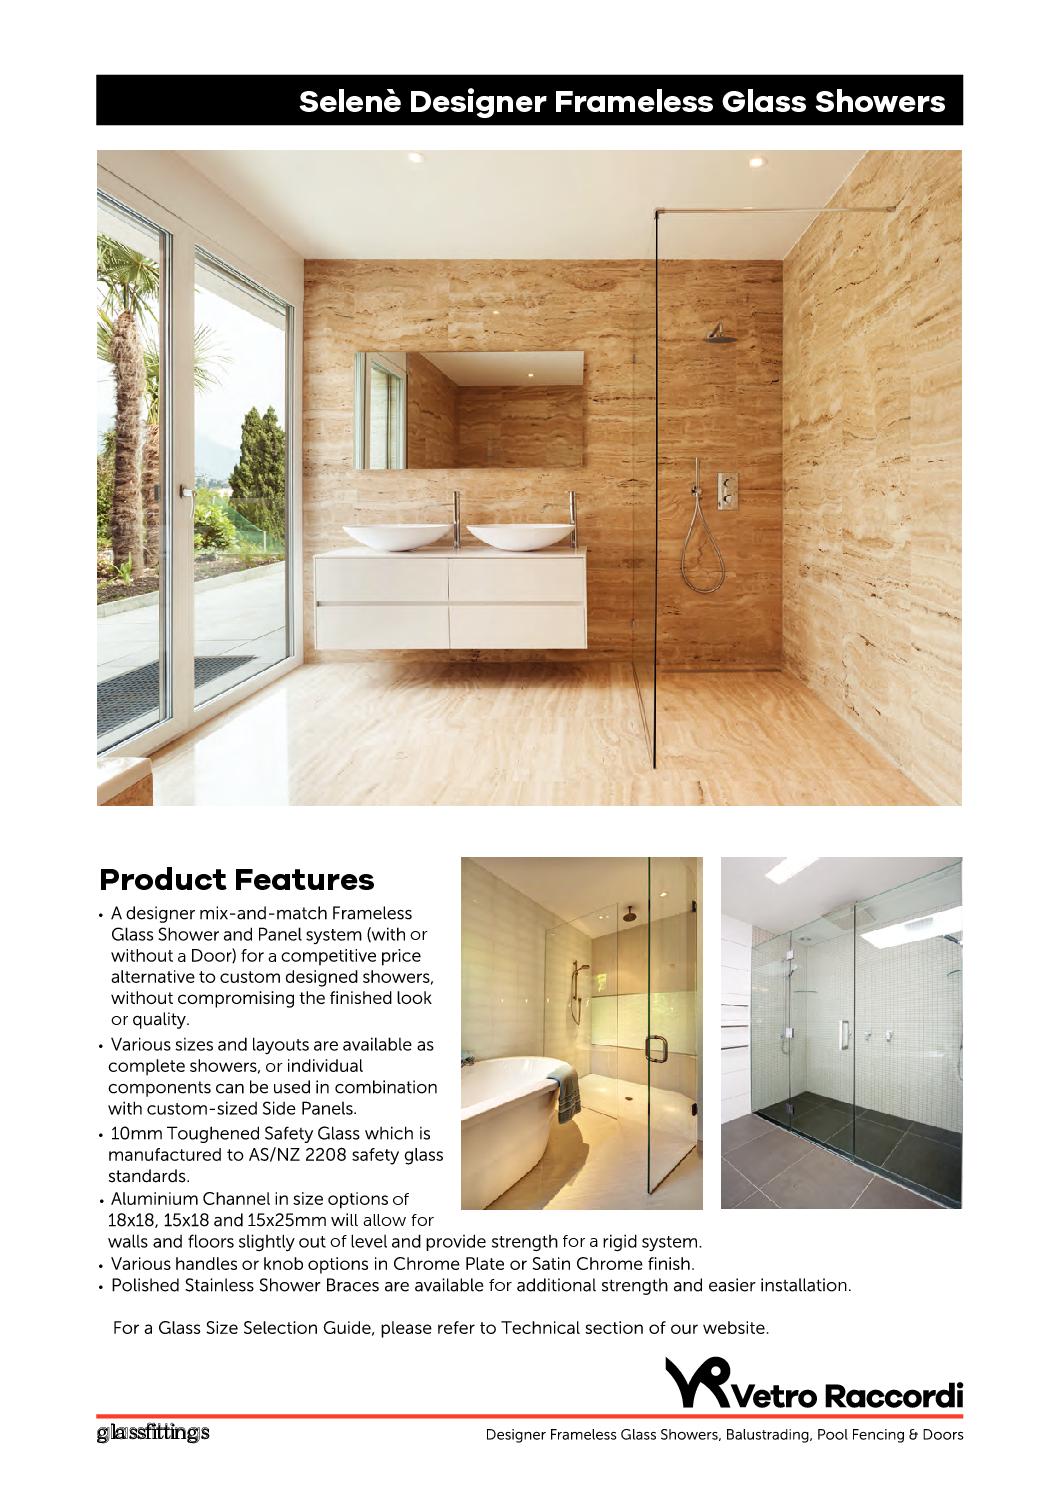 Selene Kitset Frameless Glass Showers